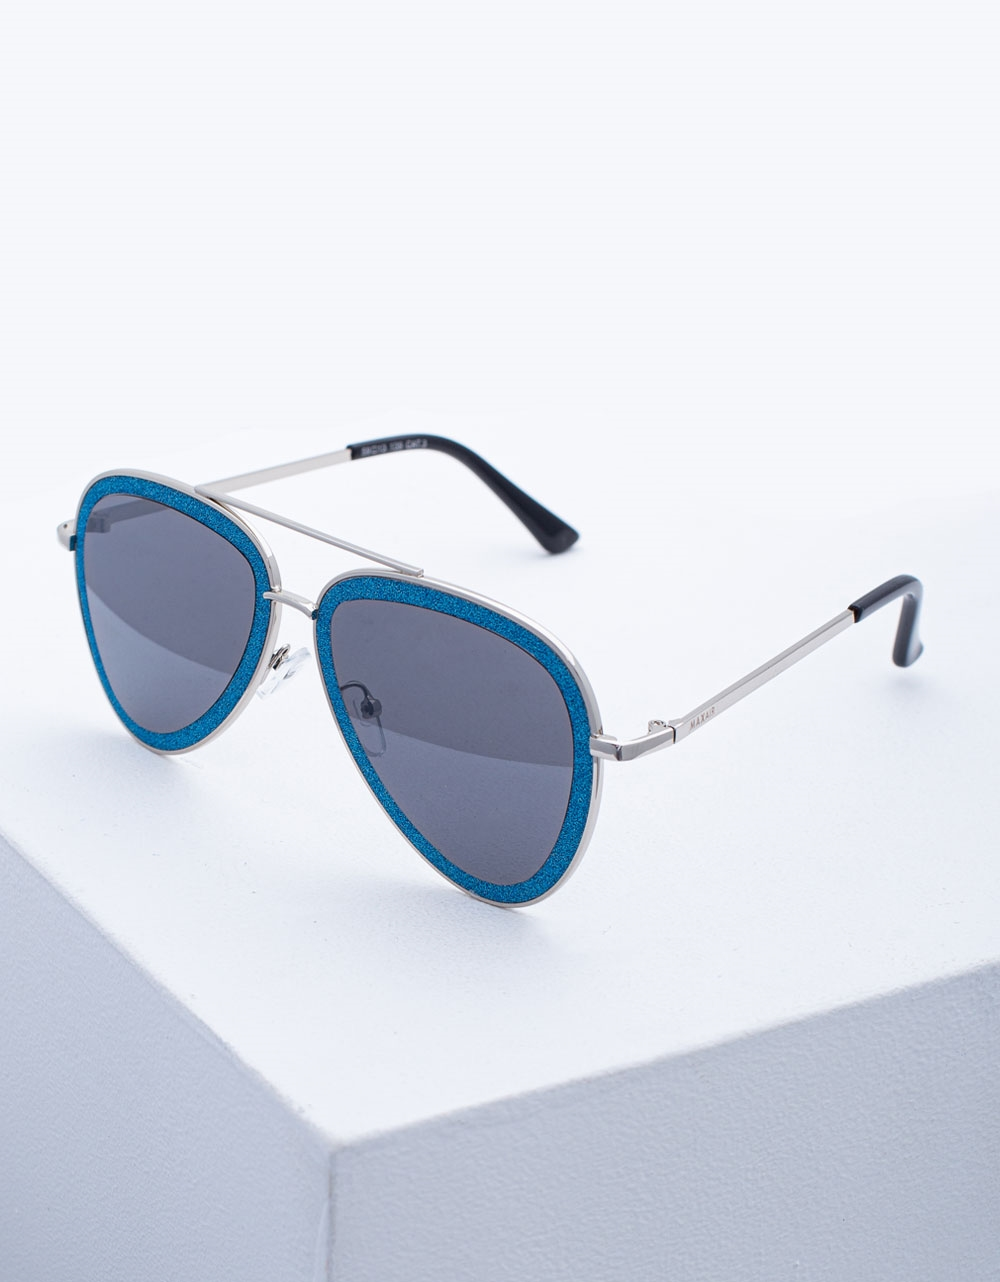 Εικόνα από Γυναικεία γυαλιά ηλίου με λεπτό σκελετό Σιέλ